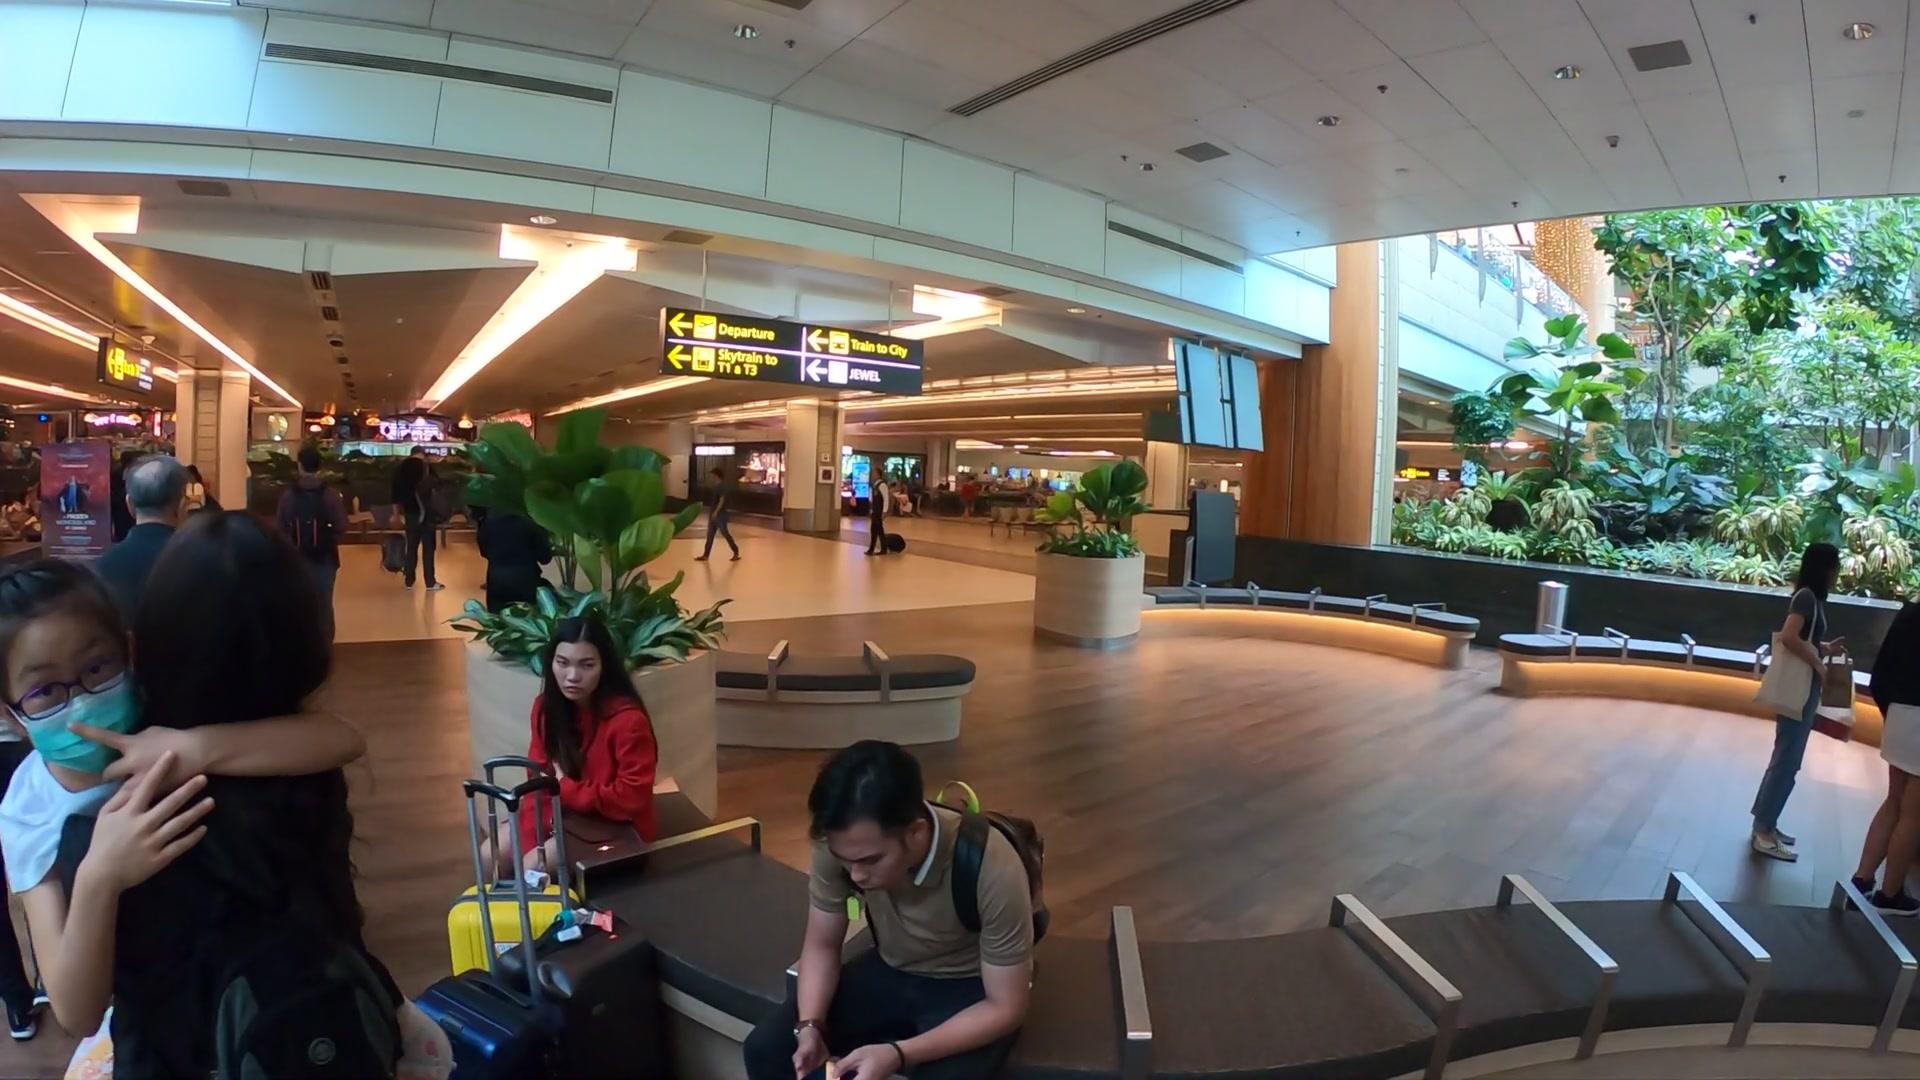 チャンギ国際空港(Changi Airport) MRT 行き方